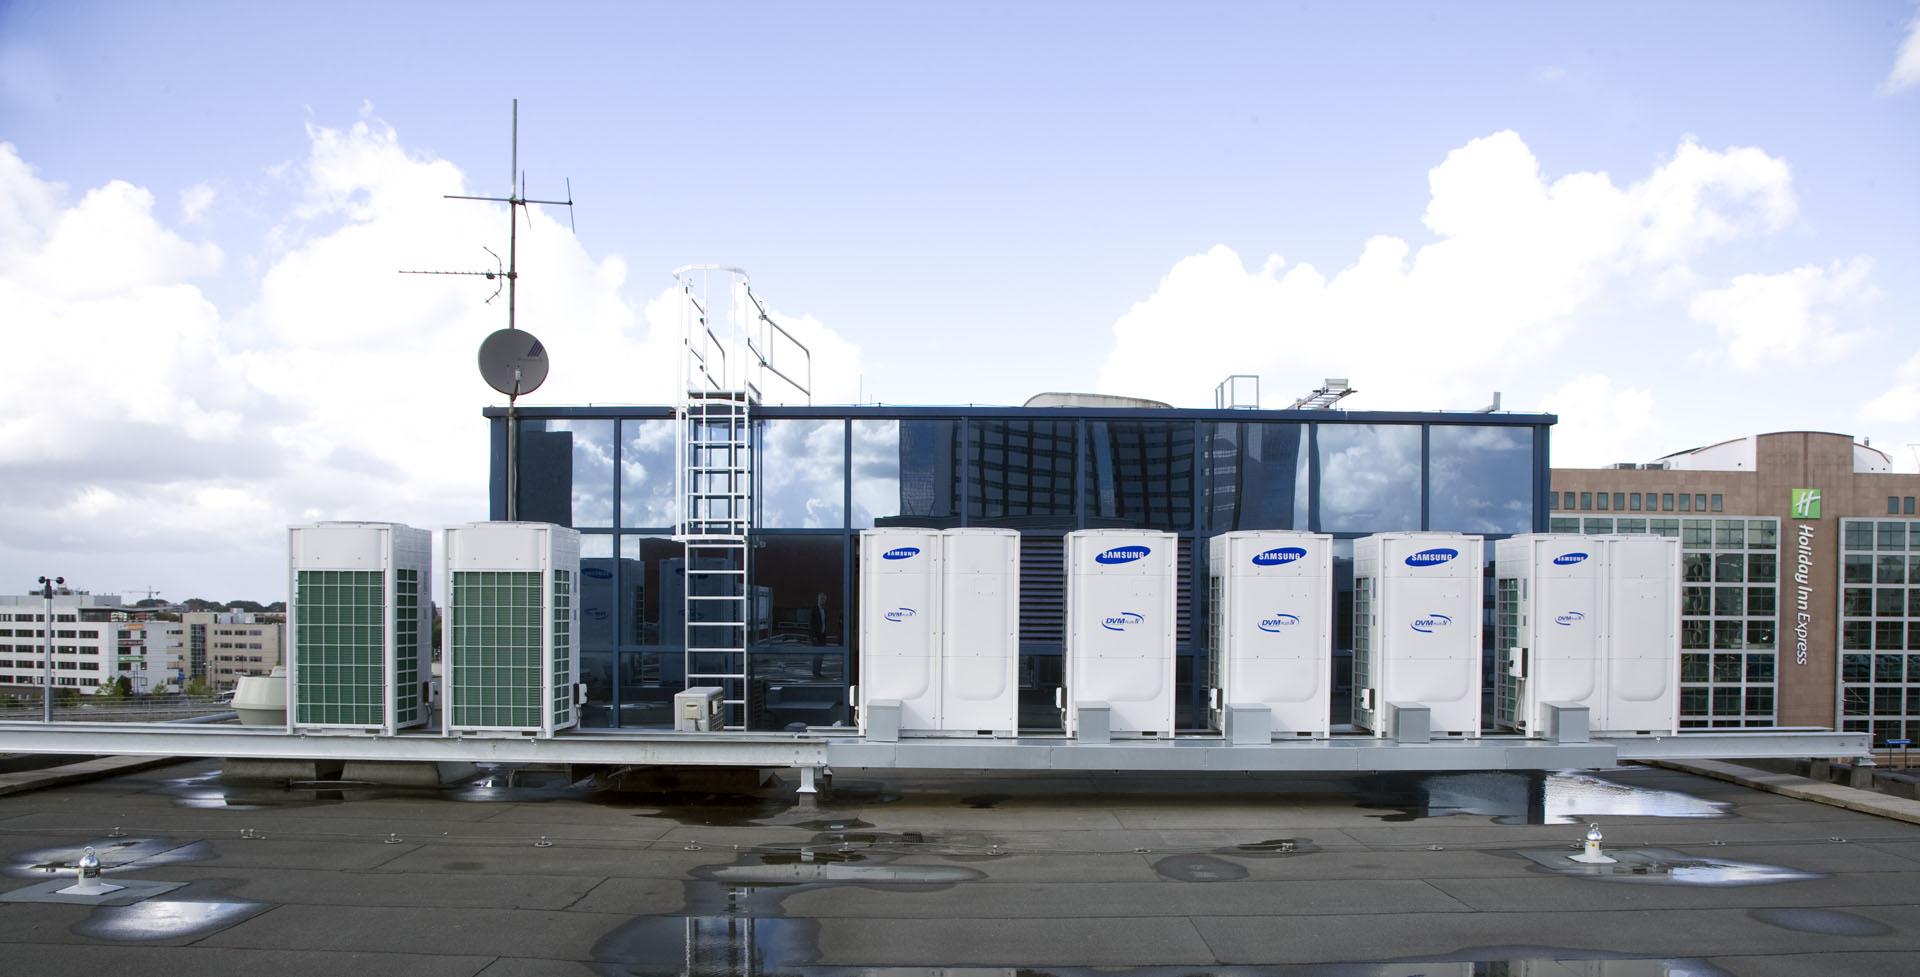 Samsung DVM vrf warmtepompen met warmteterugwinning balanceren energie in het gebouw